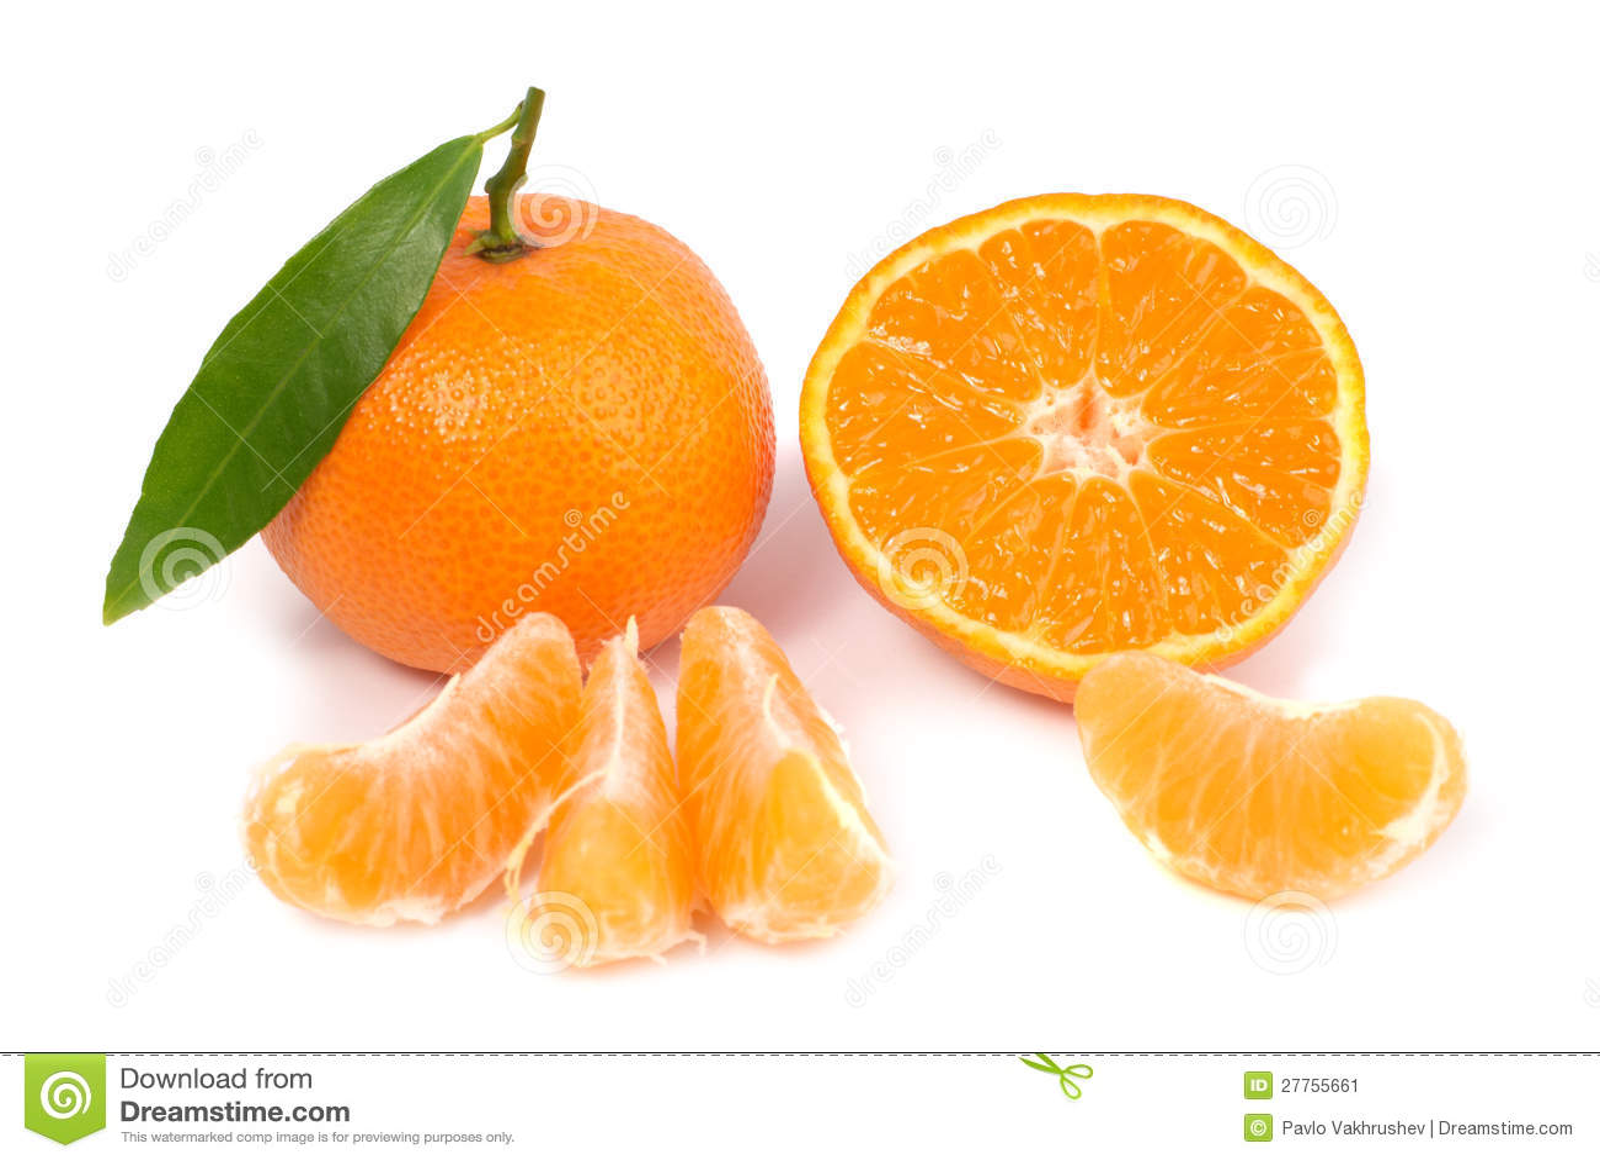 Mandarines oranges